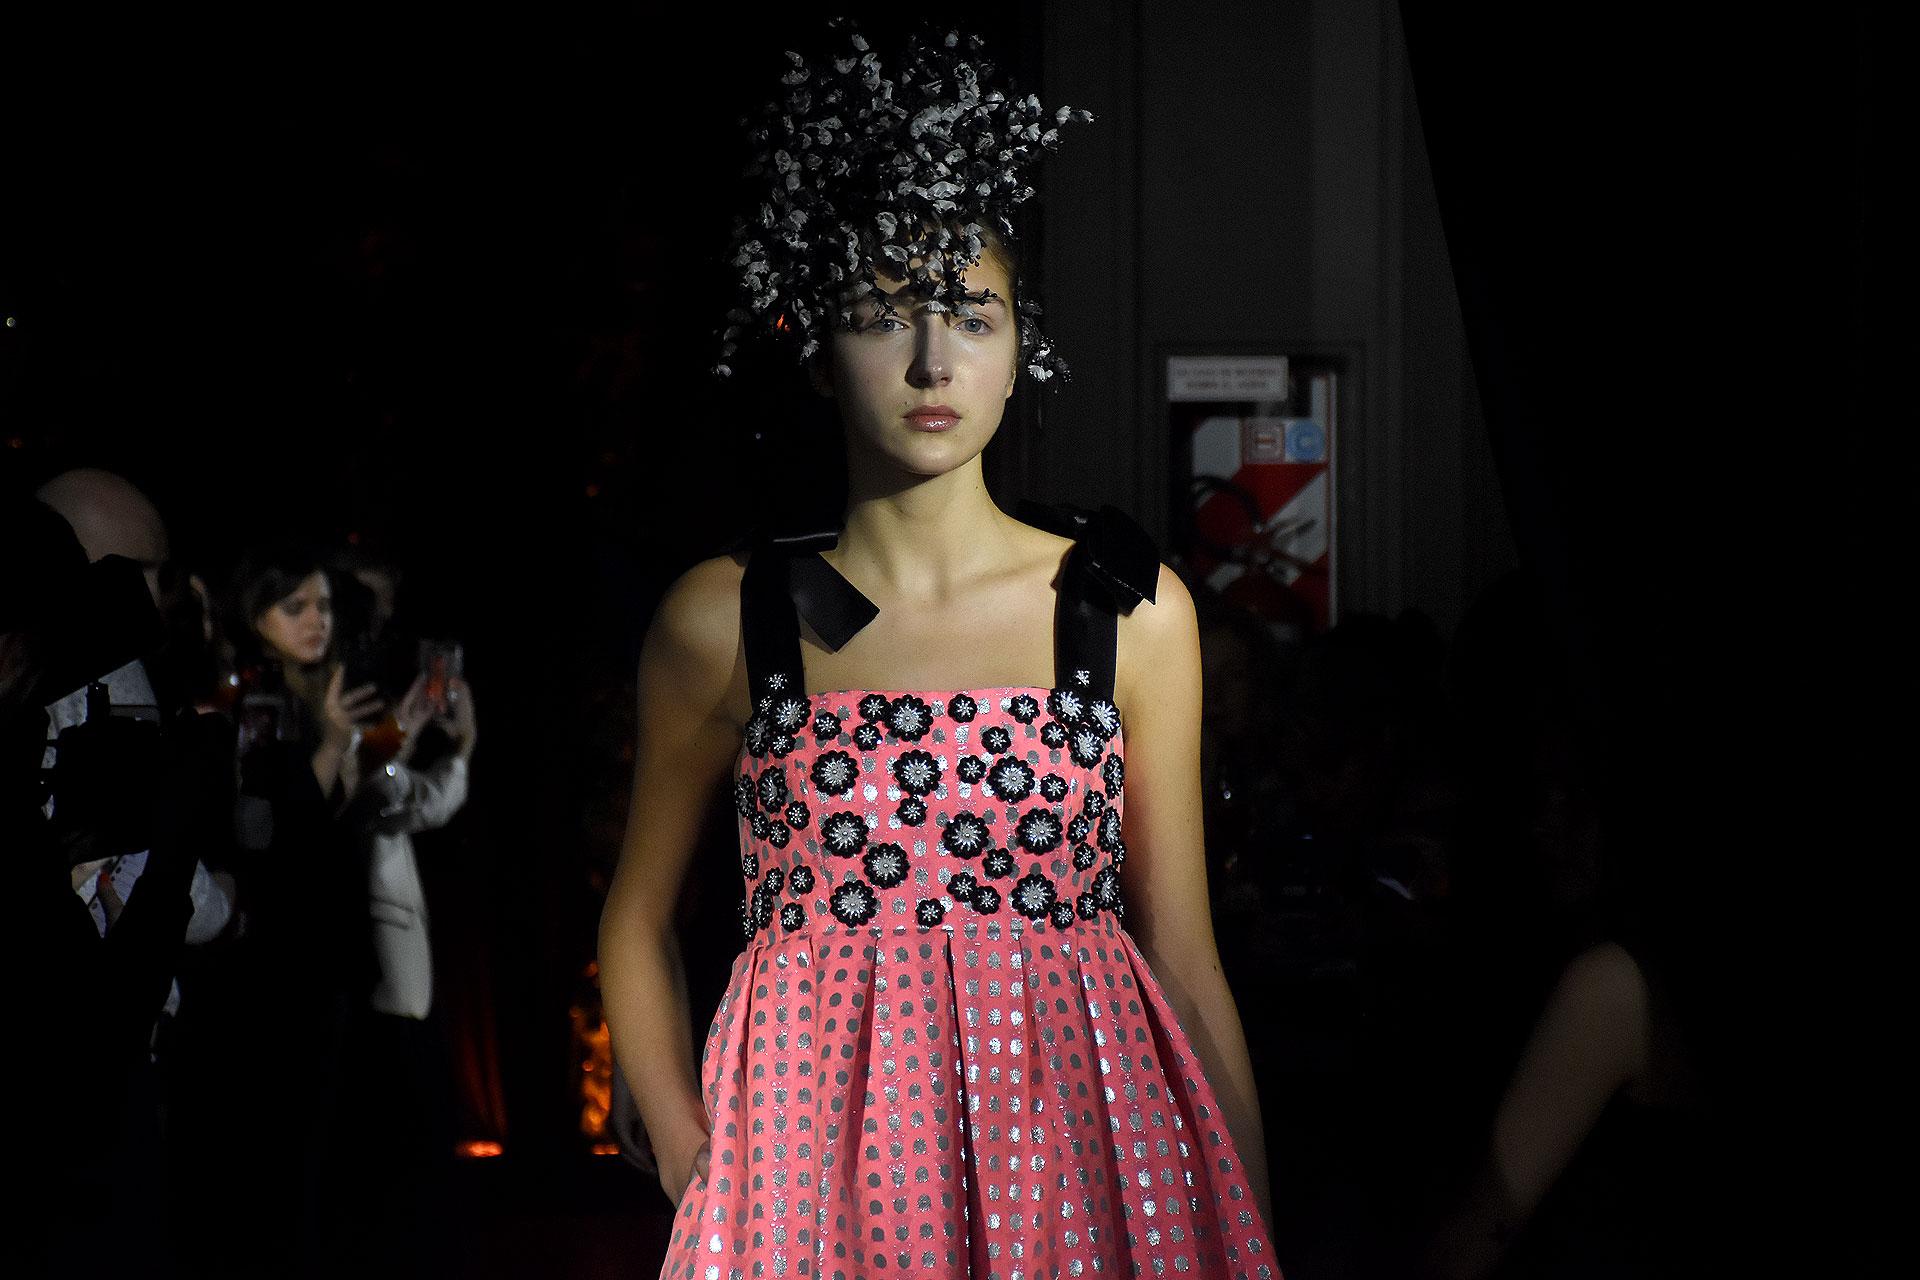 Una propuesta con vestidos realizados artesanalmente con toques vintage